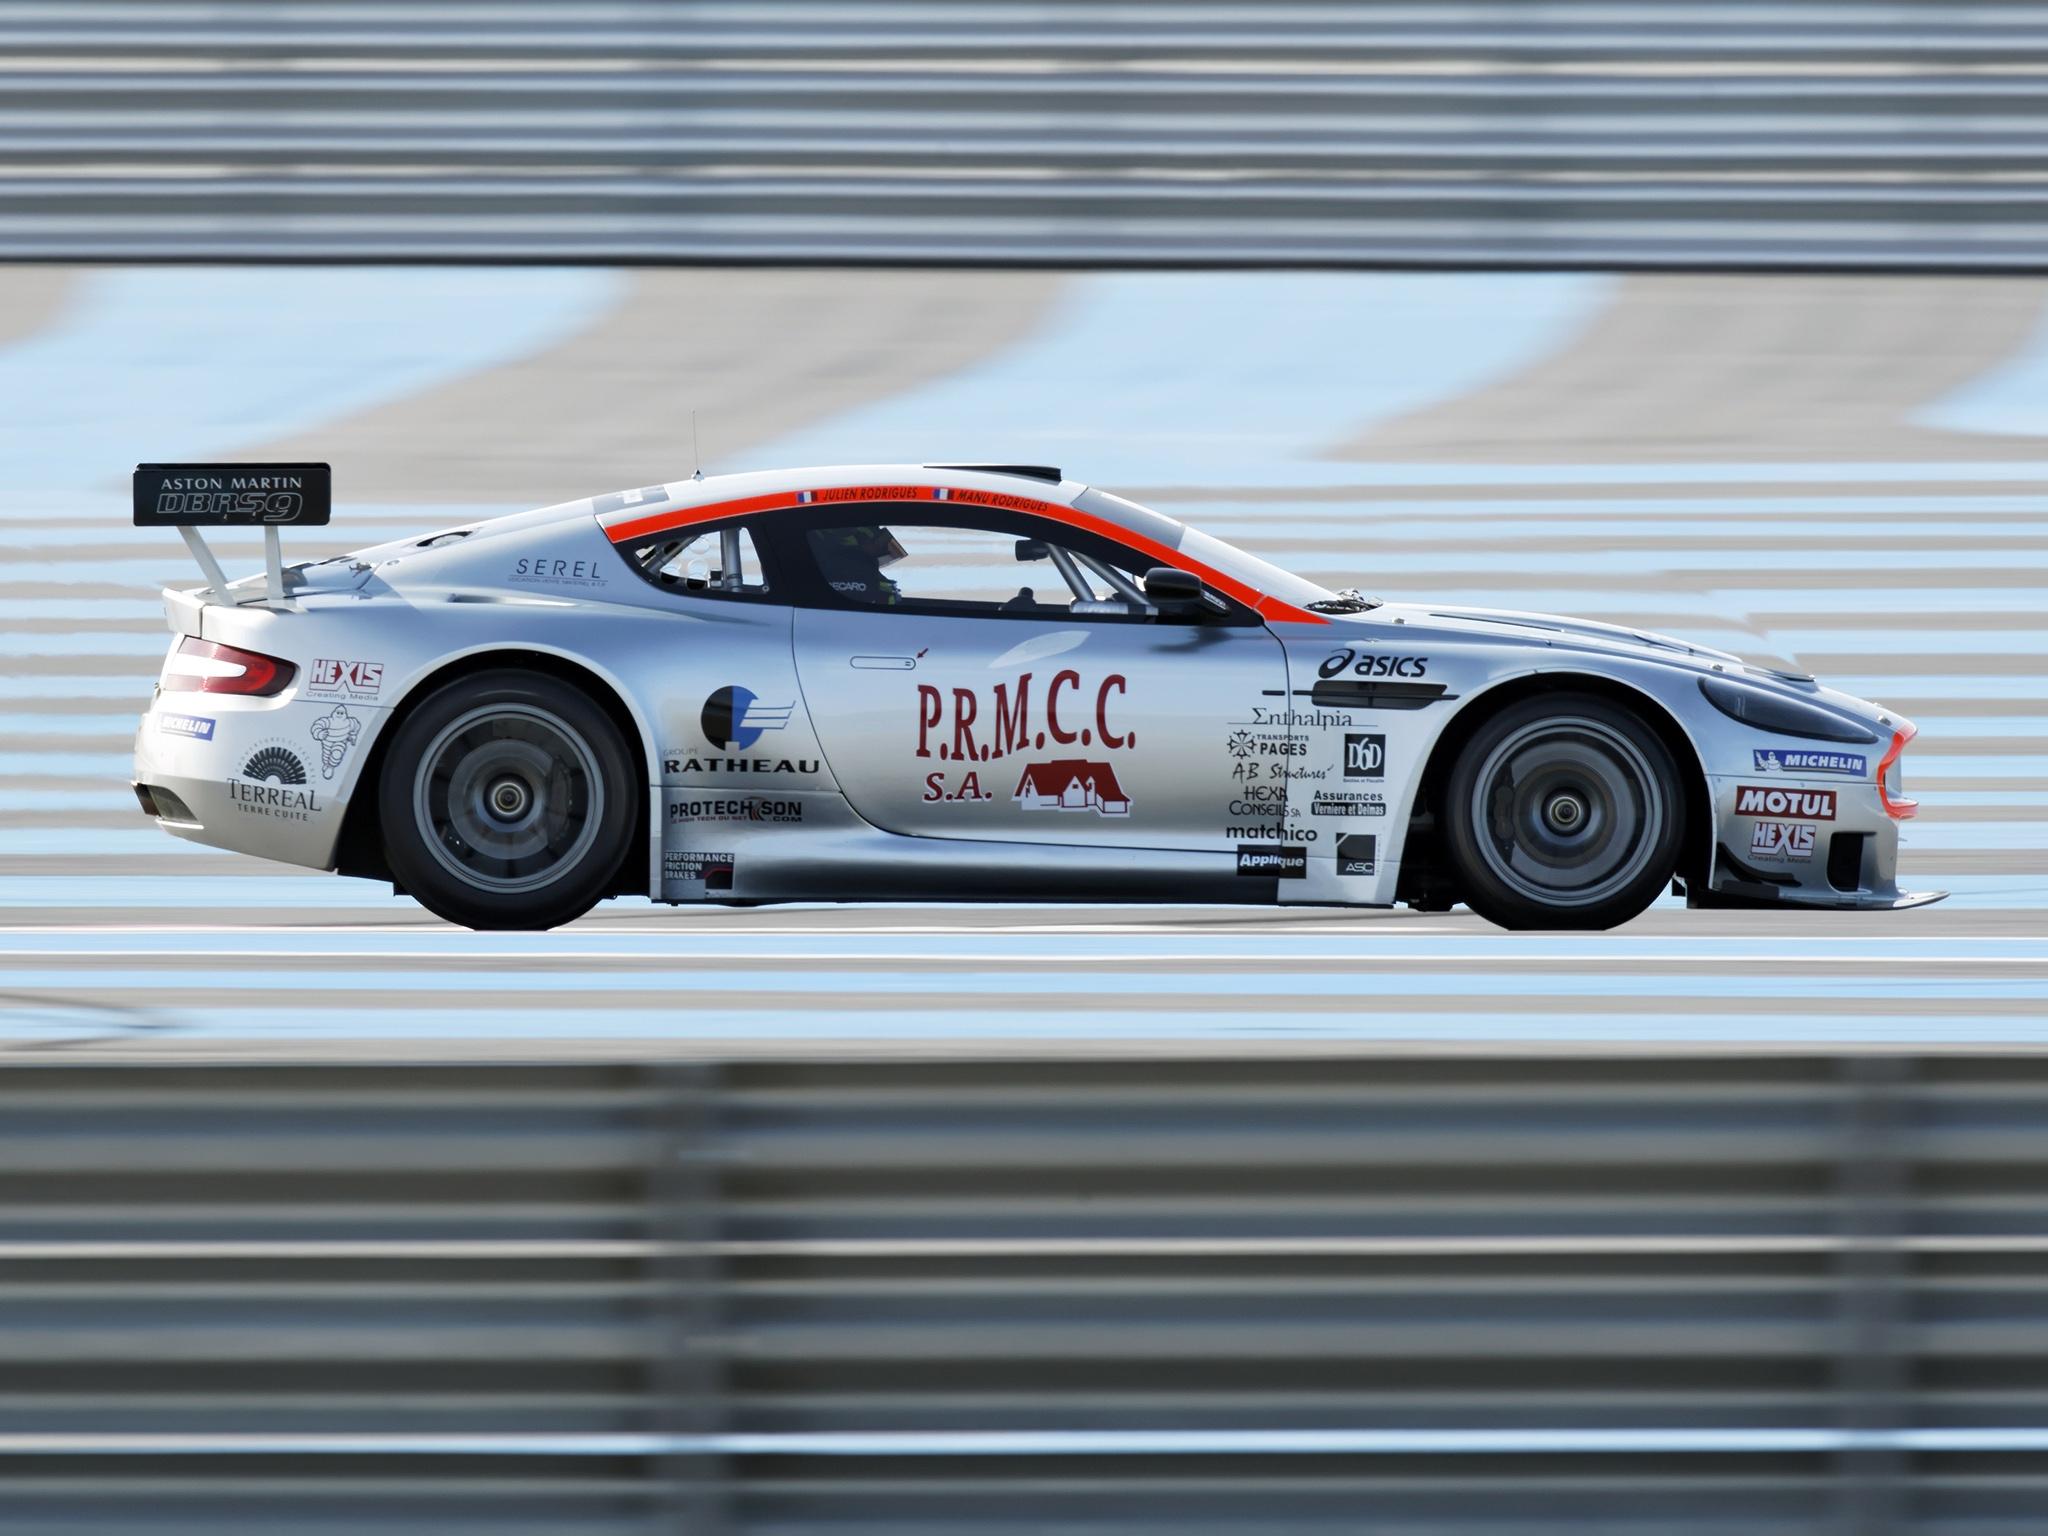 154093 скачать обои Спорт, Машины, Астон Мартин (Aston Martin), Тачки (Cars), Белый, Вид Сбоку, Скорость, Стиль, 2005, Dbrs9 - заставки и картинки бесплатно